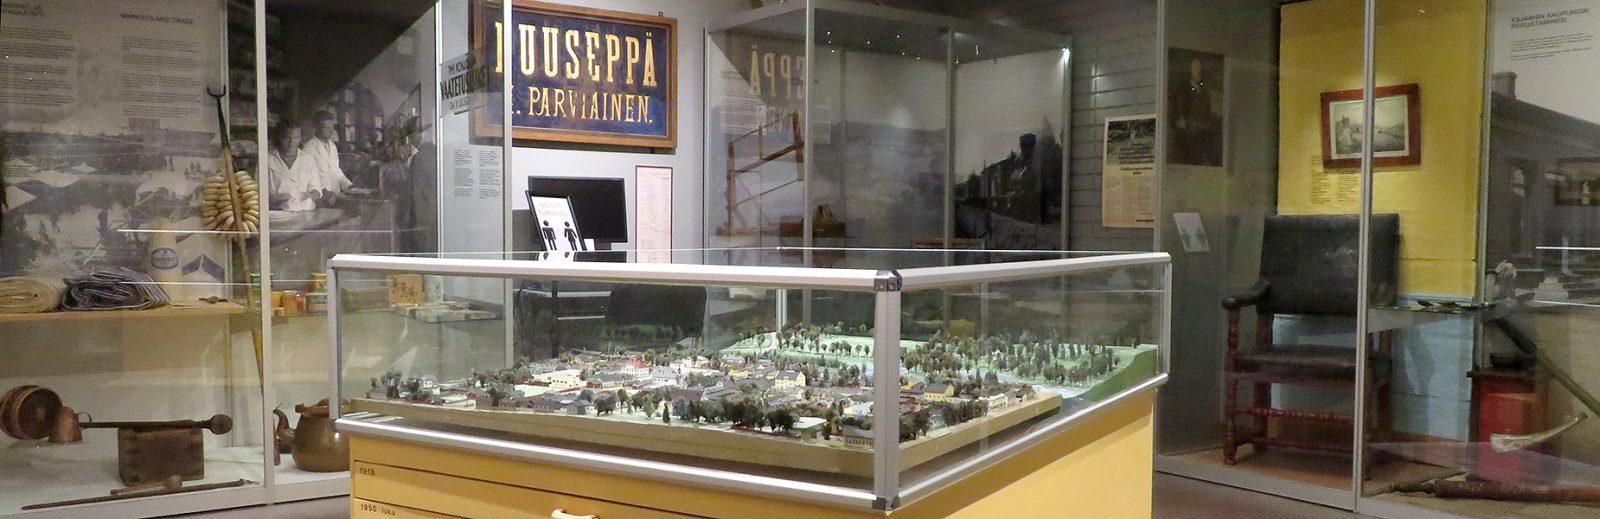 Kajaanista kertova näyttely, keskellä kaupungin pienoismalli.